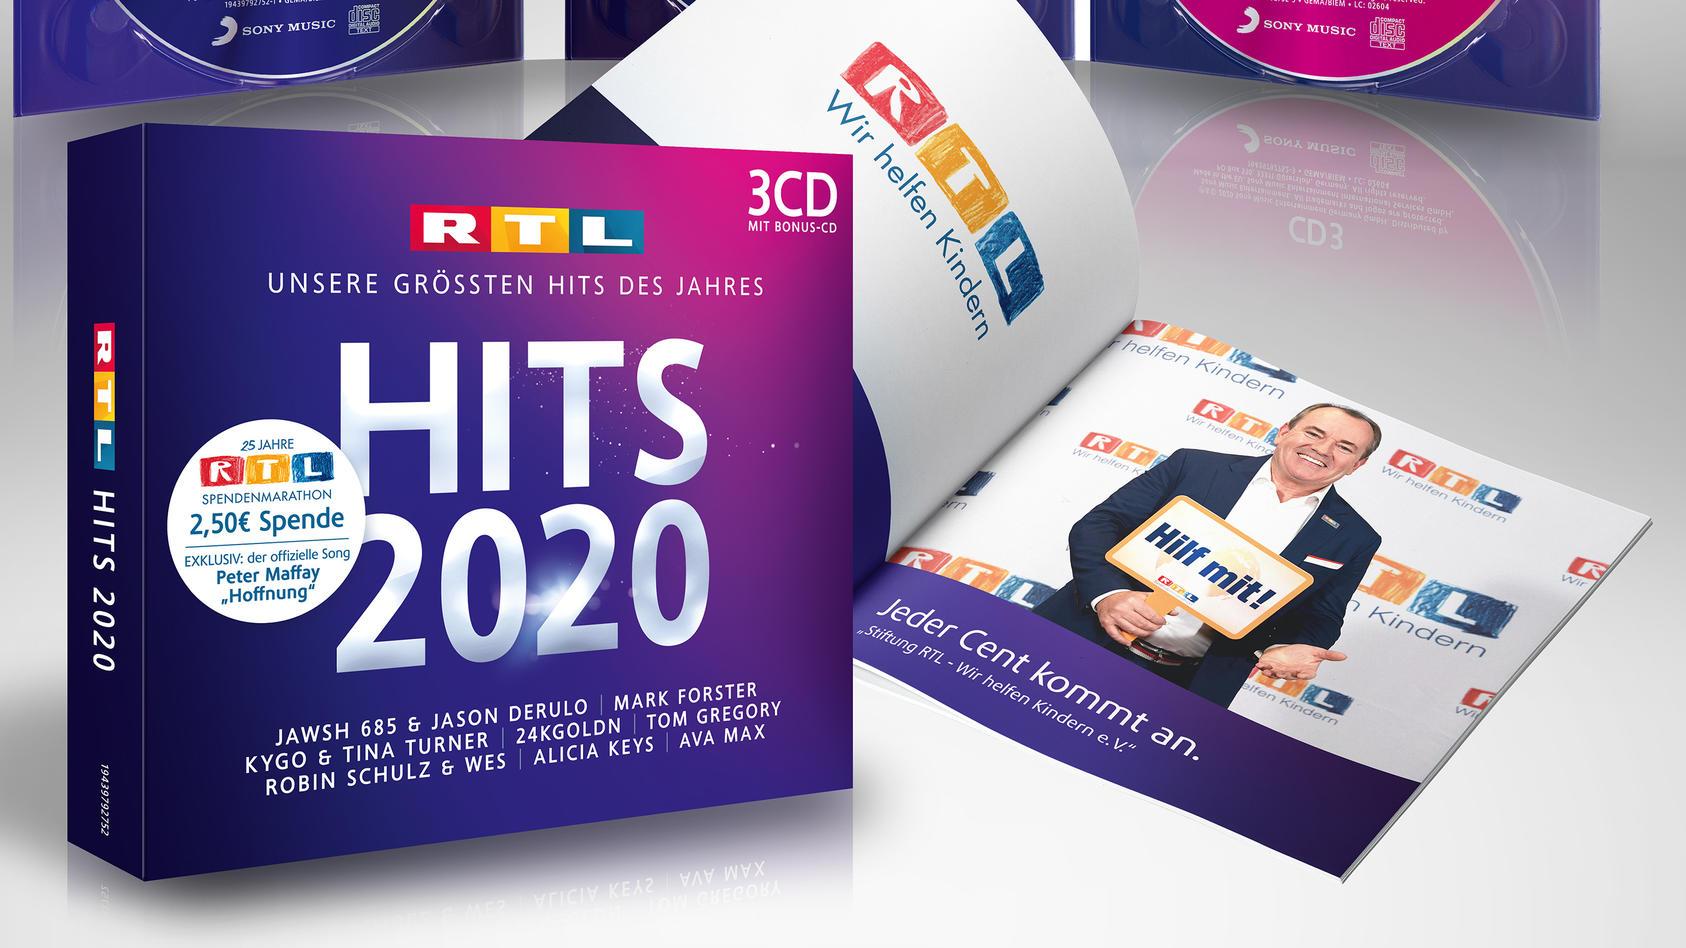 RTL HITS 2020 – Die größten Hits des Jahres mit  RTL-Spendenmarathon Bonus-CD